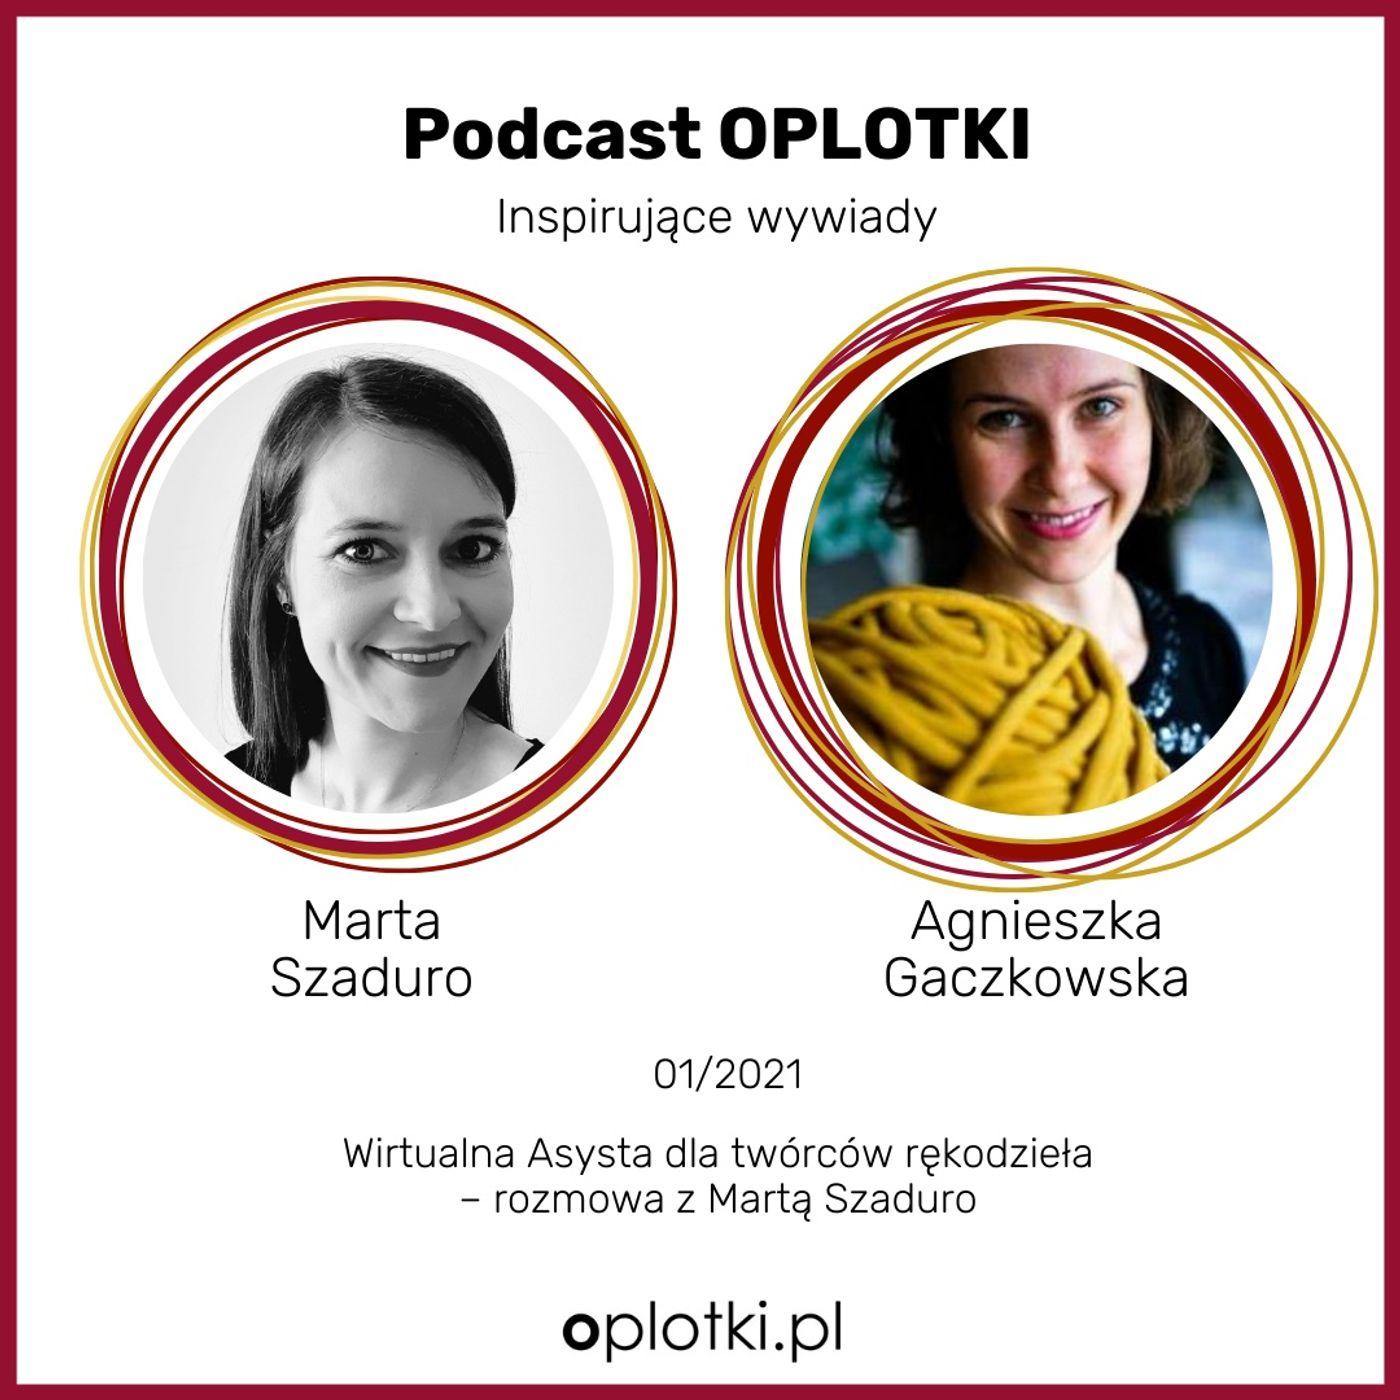 01_2021 Wirtualna Asysta dla twórców rękodzieła – rozmowa z Martą Szaduro